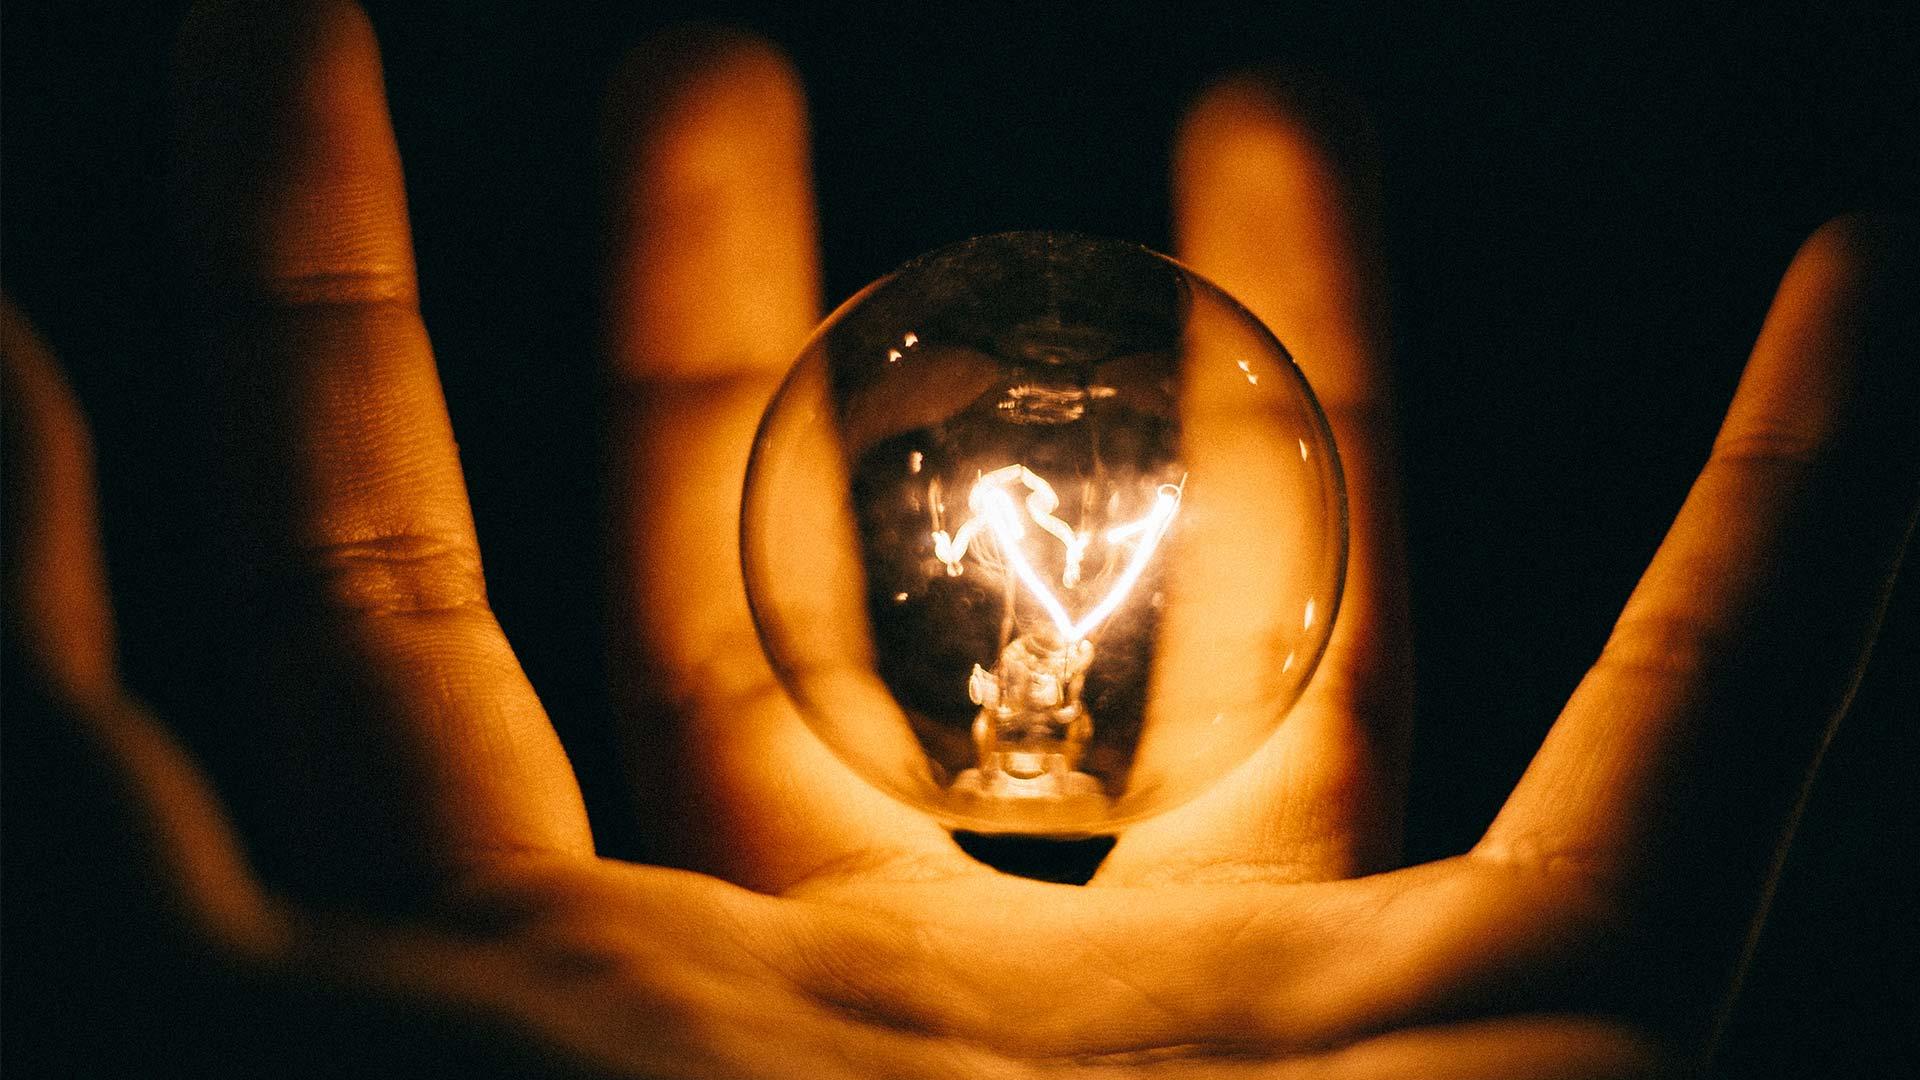 Presentazione <br/> corso LIGHTING DESIGN